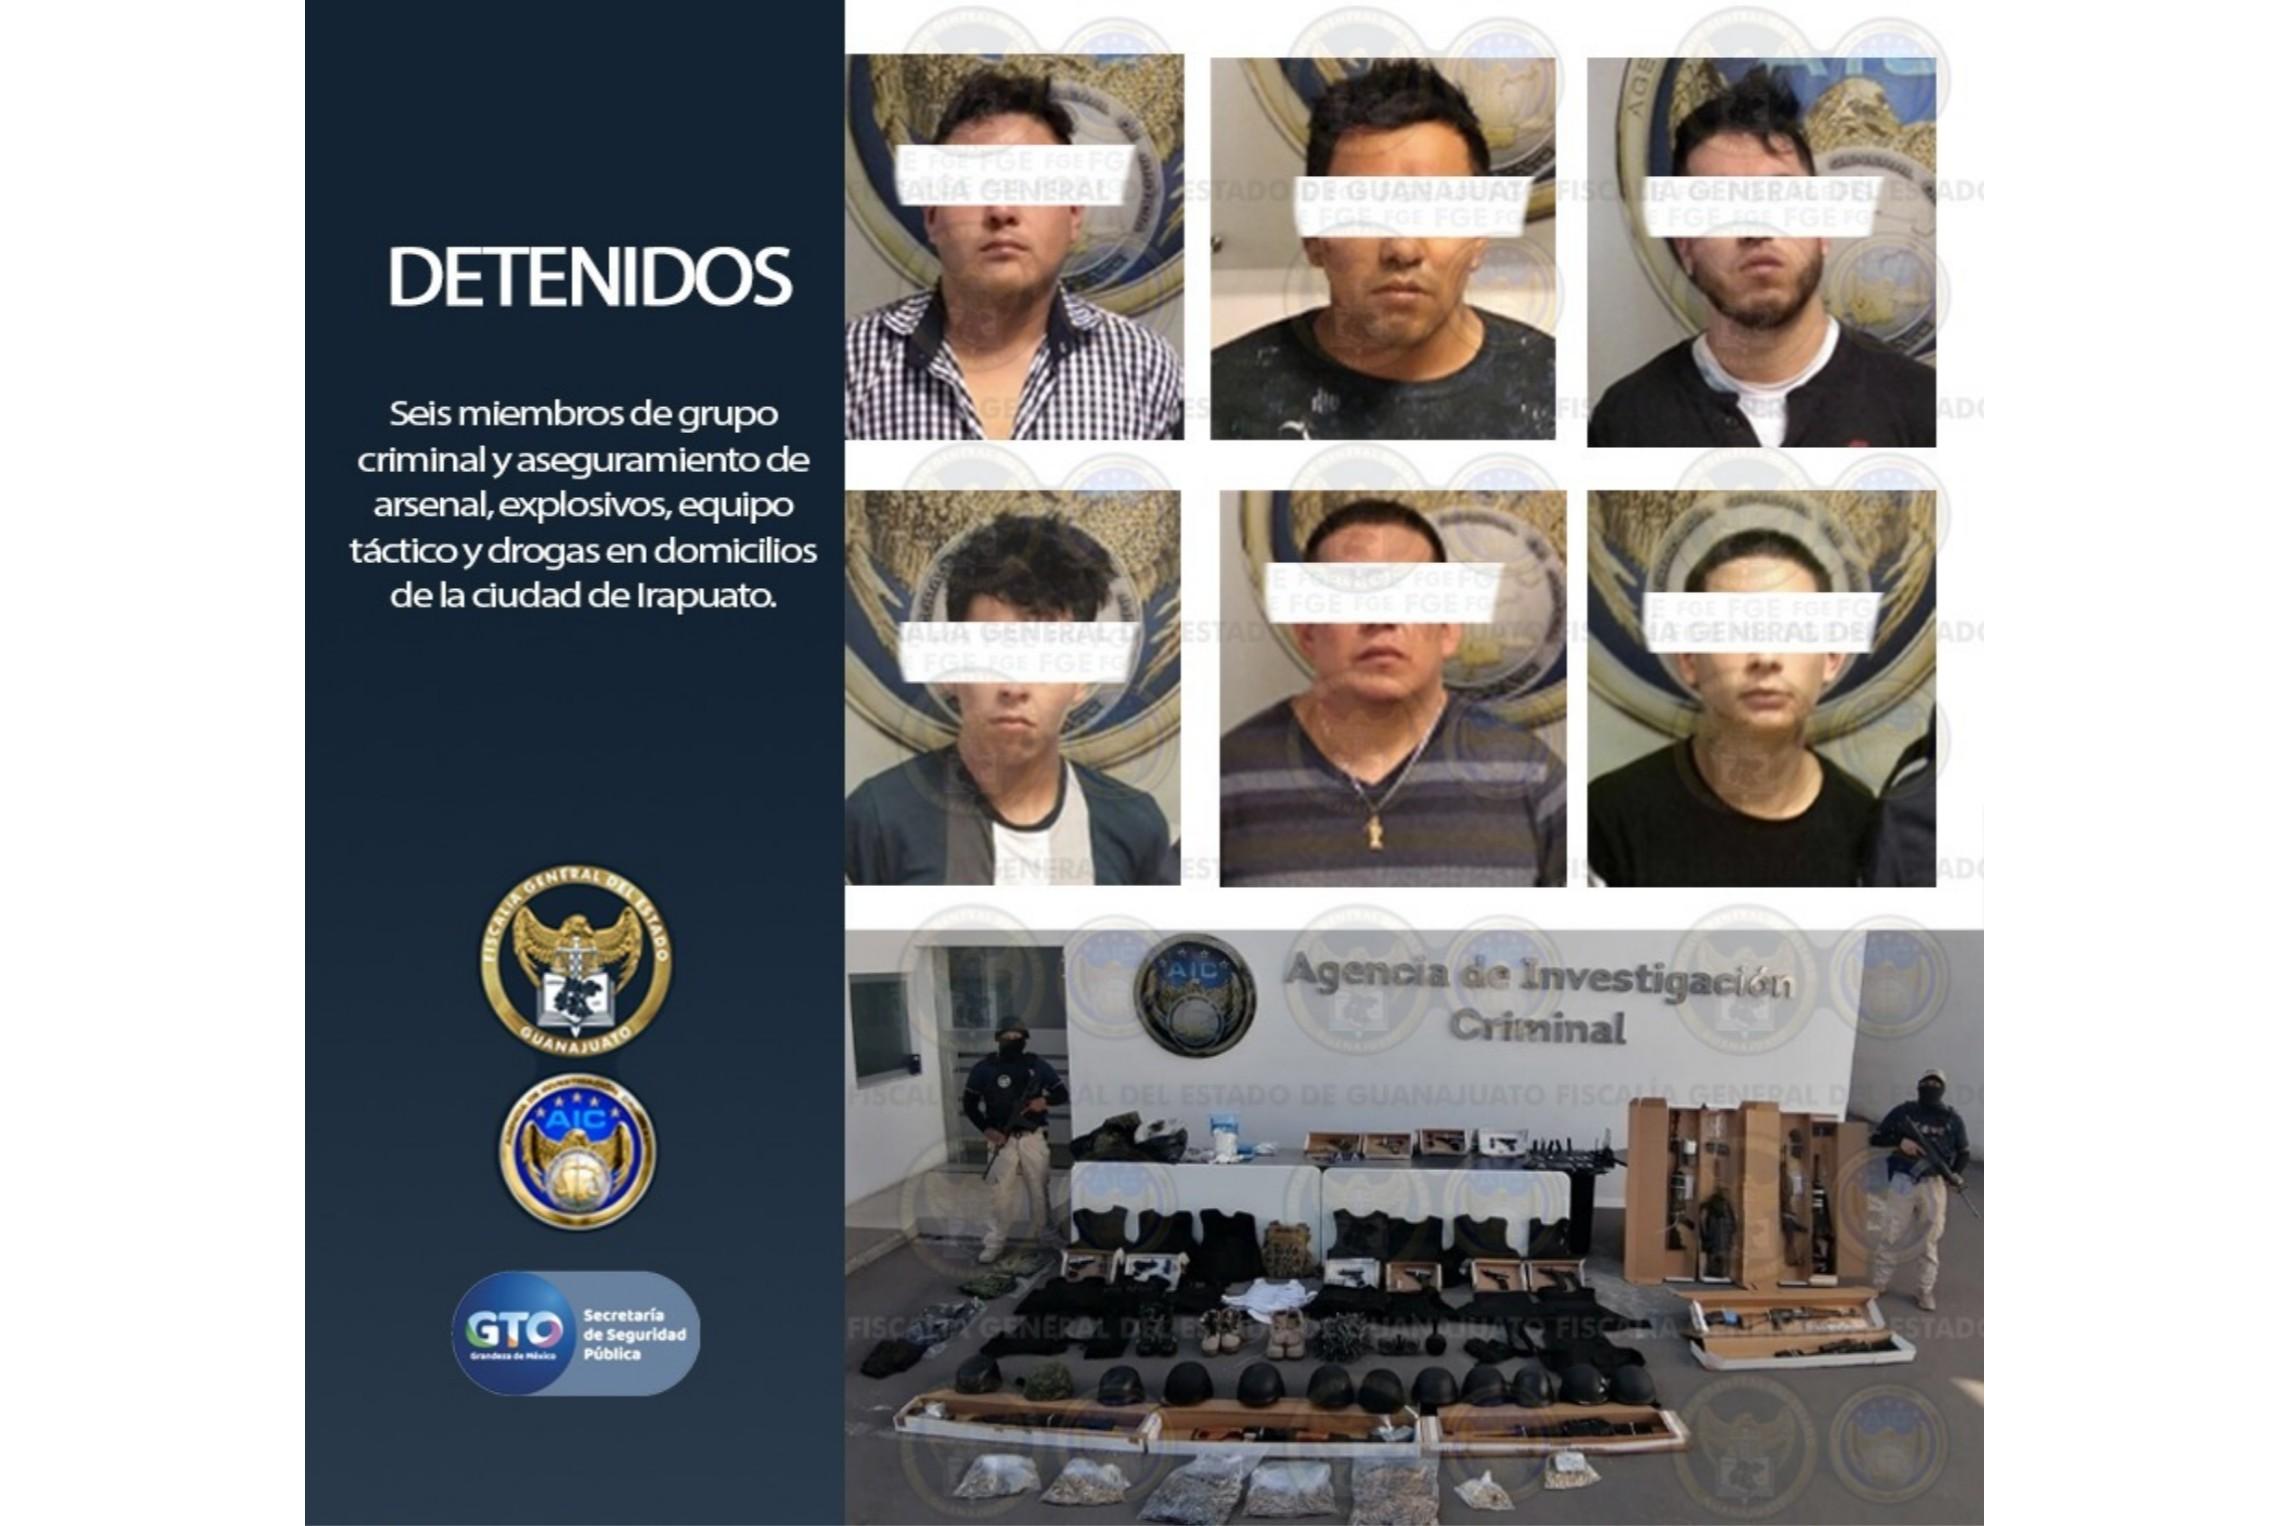 """Logran asegurar """"casas de seguridad"""" en Irapuato, deteniendo a 6 personas con arsenales, explosivos, equipos tácticos y drogas. 4"""